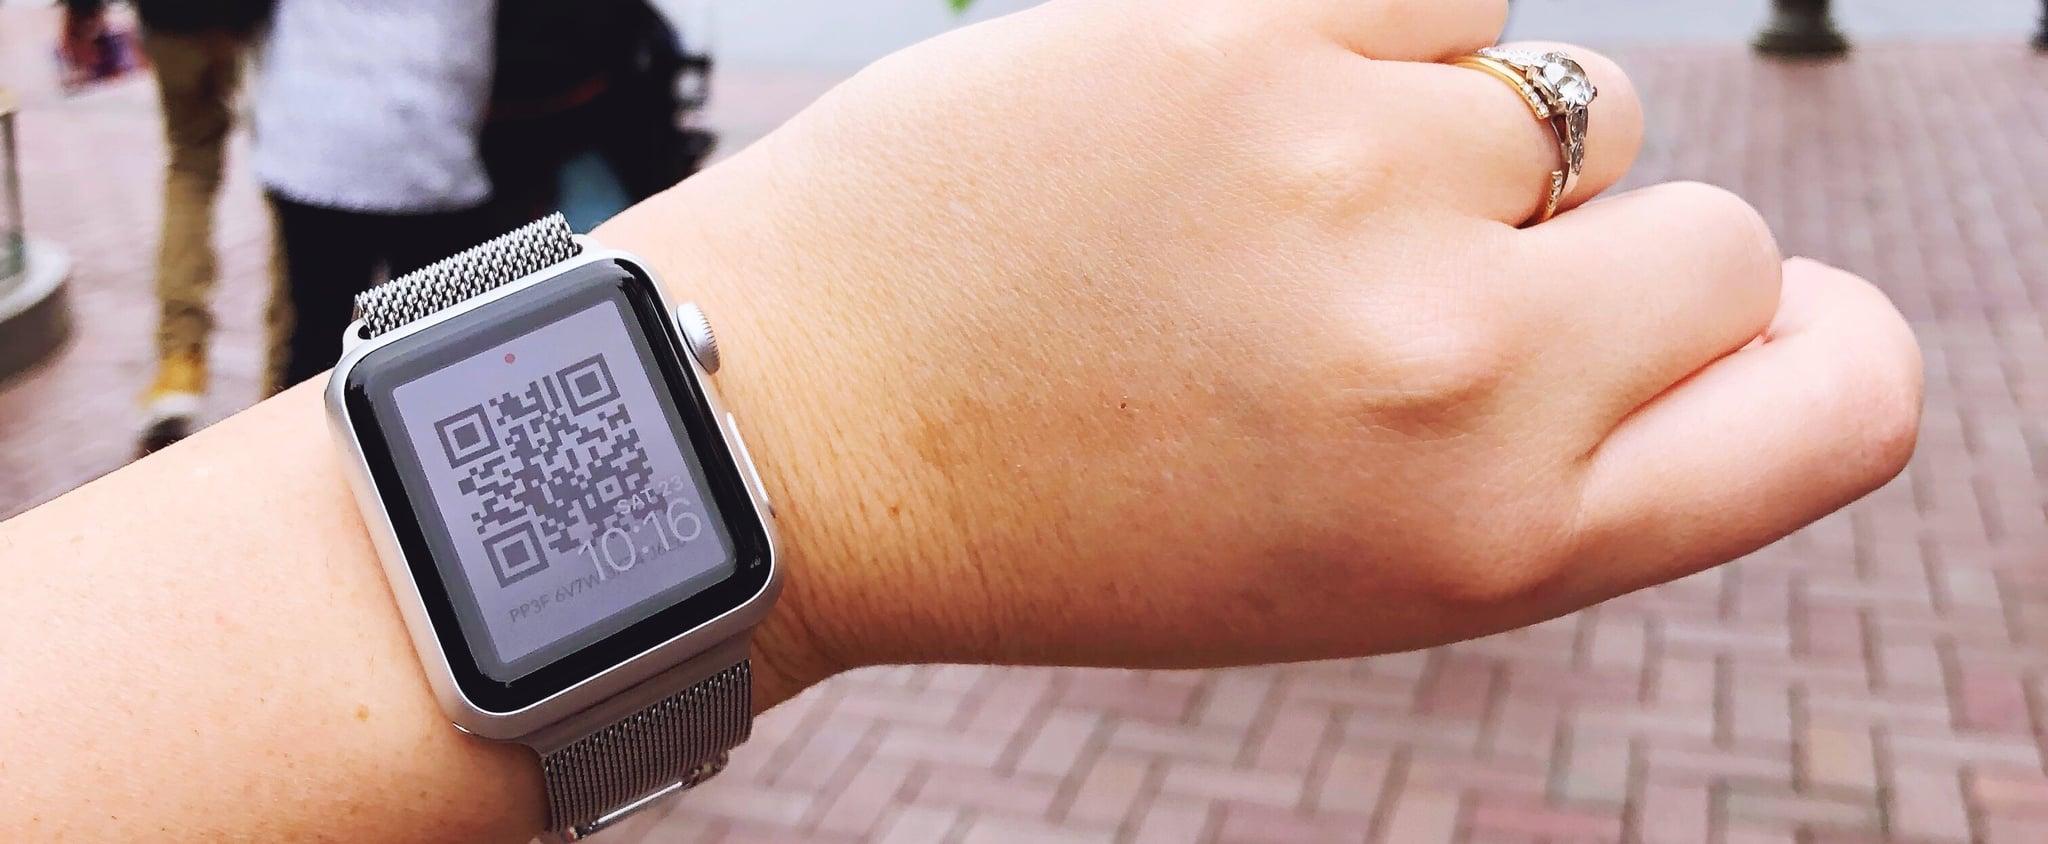 حيلة ساعة آبل عند التصوير عبر PhotoPass في ديزني لاند